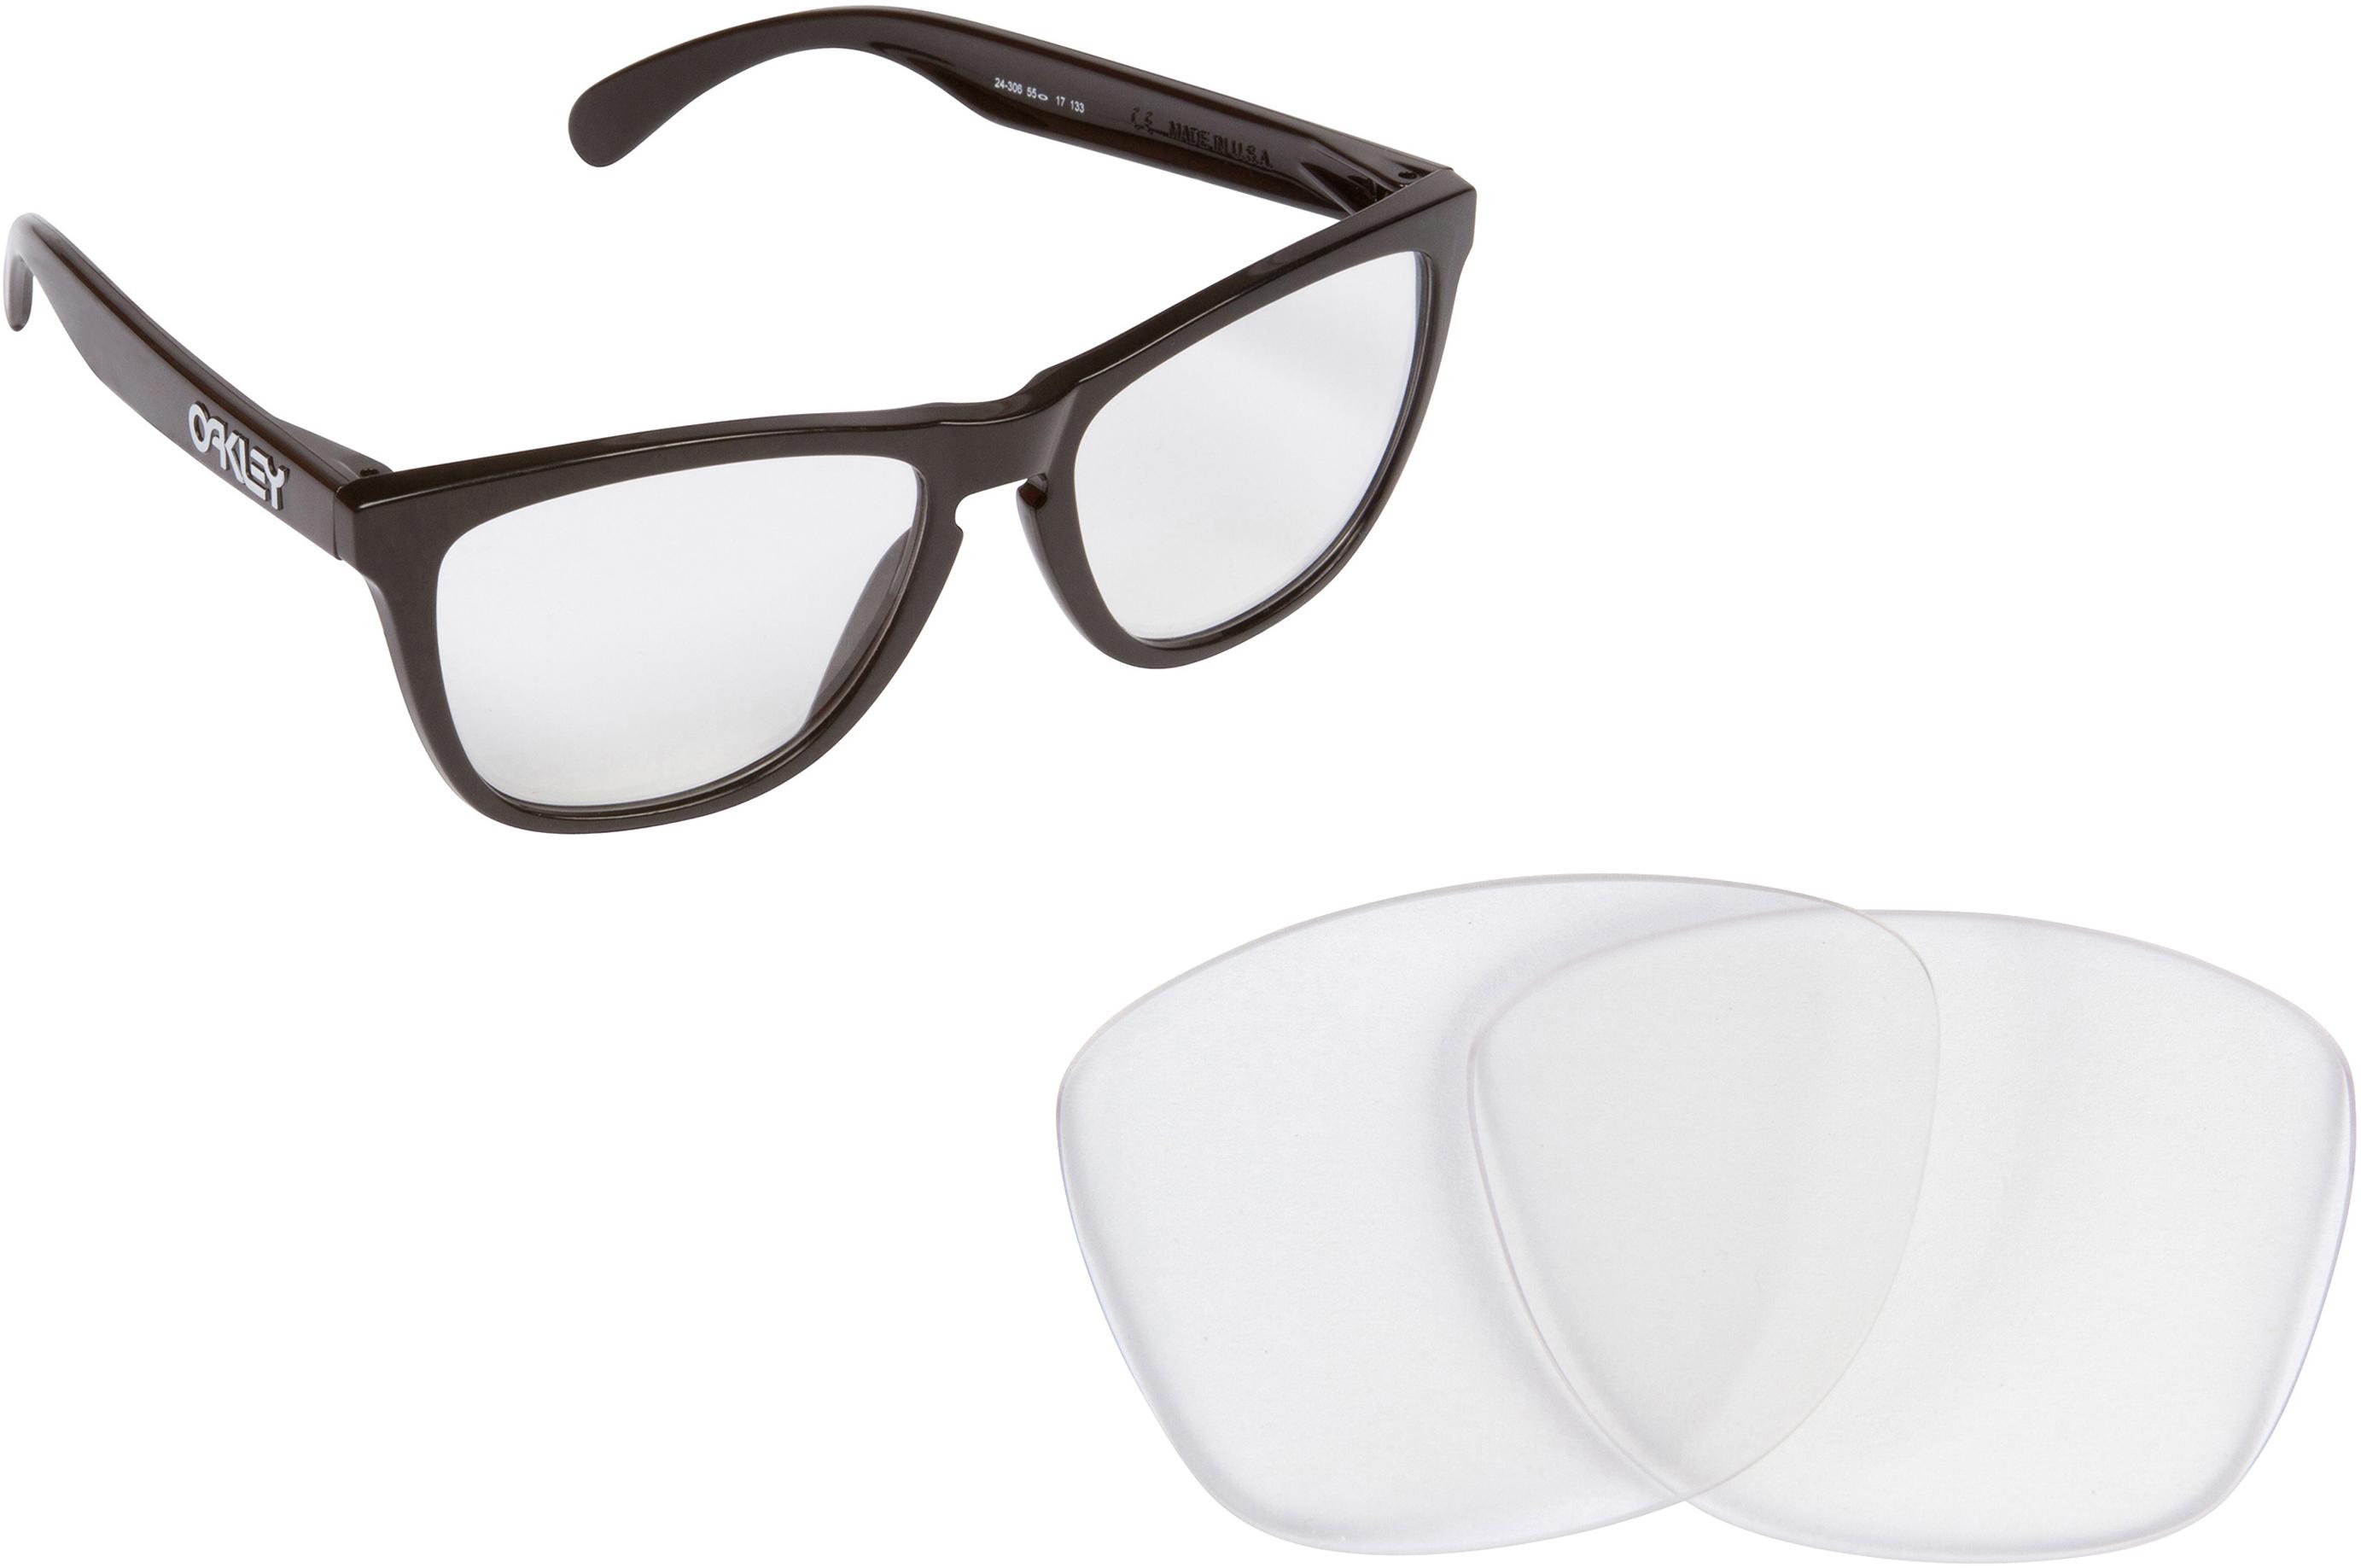 57ec7c1ac5 Oakley Frogskins Clear Frames